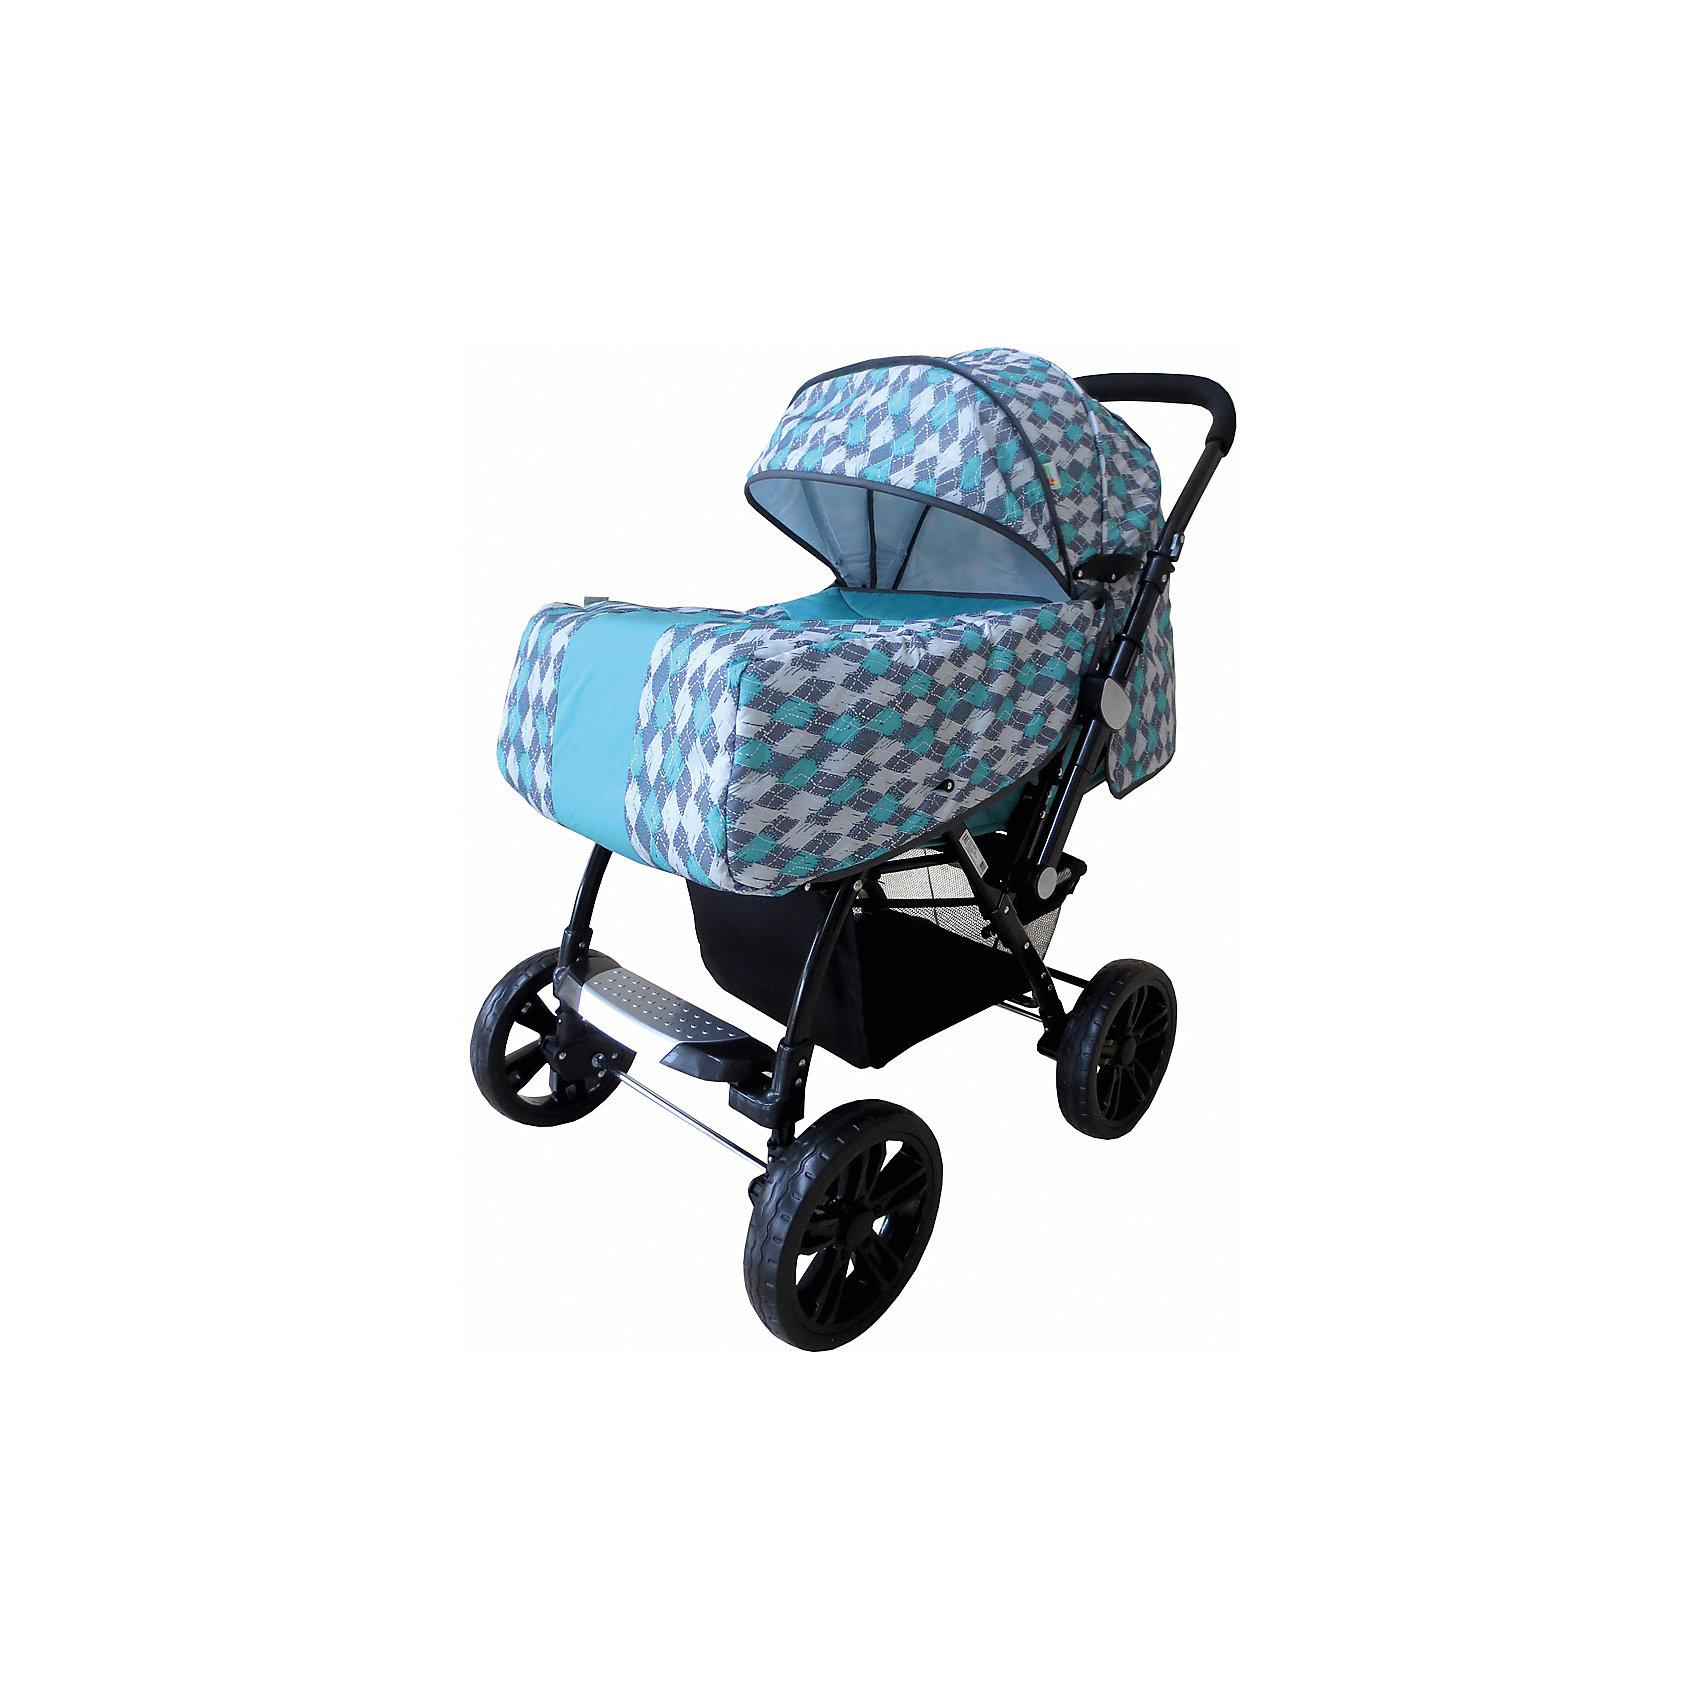 Прогулочная коляска Country MARINE, Babyhit, голубойПрогулочная коляска Country имеет одну  особенность,  у  модели имеется перекидная ручка, которая позволяет быстро менять положение ребенка на прогулке, как по ходу движения, так лицом к маме. Безопасность и удобство использований коляски обеспечивают: тормозные механизмы на задних колесах, удерживающие 5-ти точечные ремни с плечевыми накладками, съемный столик-поручень с подставкой для бутылочки перед ребенком. Регулируемый наклон спинки до положения лежа позволяет выбрать наиболее комфортное положение для прогулки и сна. Наличие накидки на ножки и возможности низко опустить большой капюшон позволяет максимально оградить ребенка от капризов погоды. Для дополнительного комфорта ребенка и мамы, коляска укомплектована системой амортизации на всех колесах и большой багажной корзиной.<br><br>Дополнительная информация:<br><br><br>- капюшон с большим козырьком<br>- съемный столик-поручень<br>- перекидная ручка<br>- регулируемый наклон спинки до положения лежа<br>- регулируемая подножка<br>- система амортизации на всех колесах<br>- багажная корзина<br>- вес: 11 кг.<br>- диаметр колес 23 см.<br>- в комплекте: полог, дождевик, москитная сетка.<br><br>Прогулочную коляску Country MARINE, торговой марки Babyhit можно купить в нашем интернет-магазине.<br><br>Ширина мм: 540<br>Глубина мм: 255<br>Высота мм: 720<br>Вес г: 13400<br>Возраст от месяцев: 6<br>Возраст до месяцев: 36<br>Пол: Мужской<br>Возраст: Детский<br>SKU: 4968986